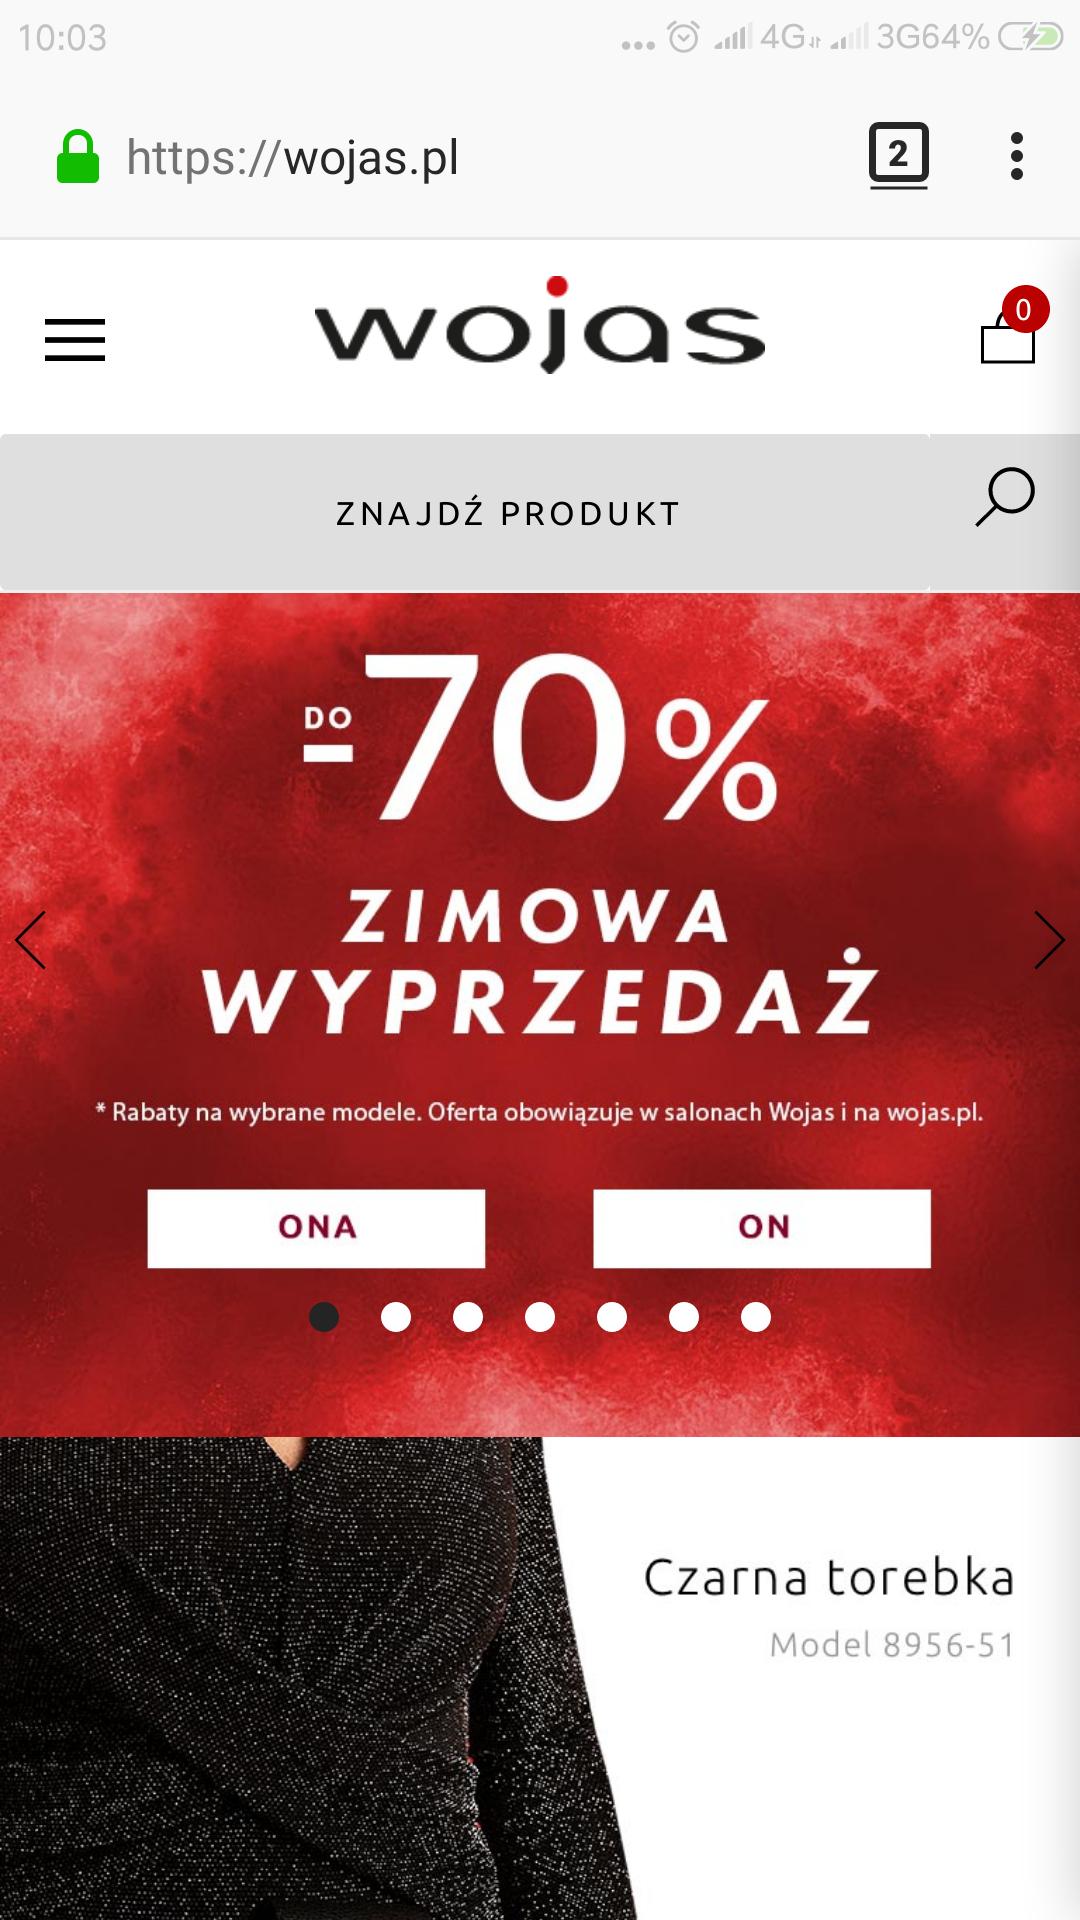 Rabaty nawet do 70% wojas.pl.